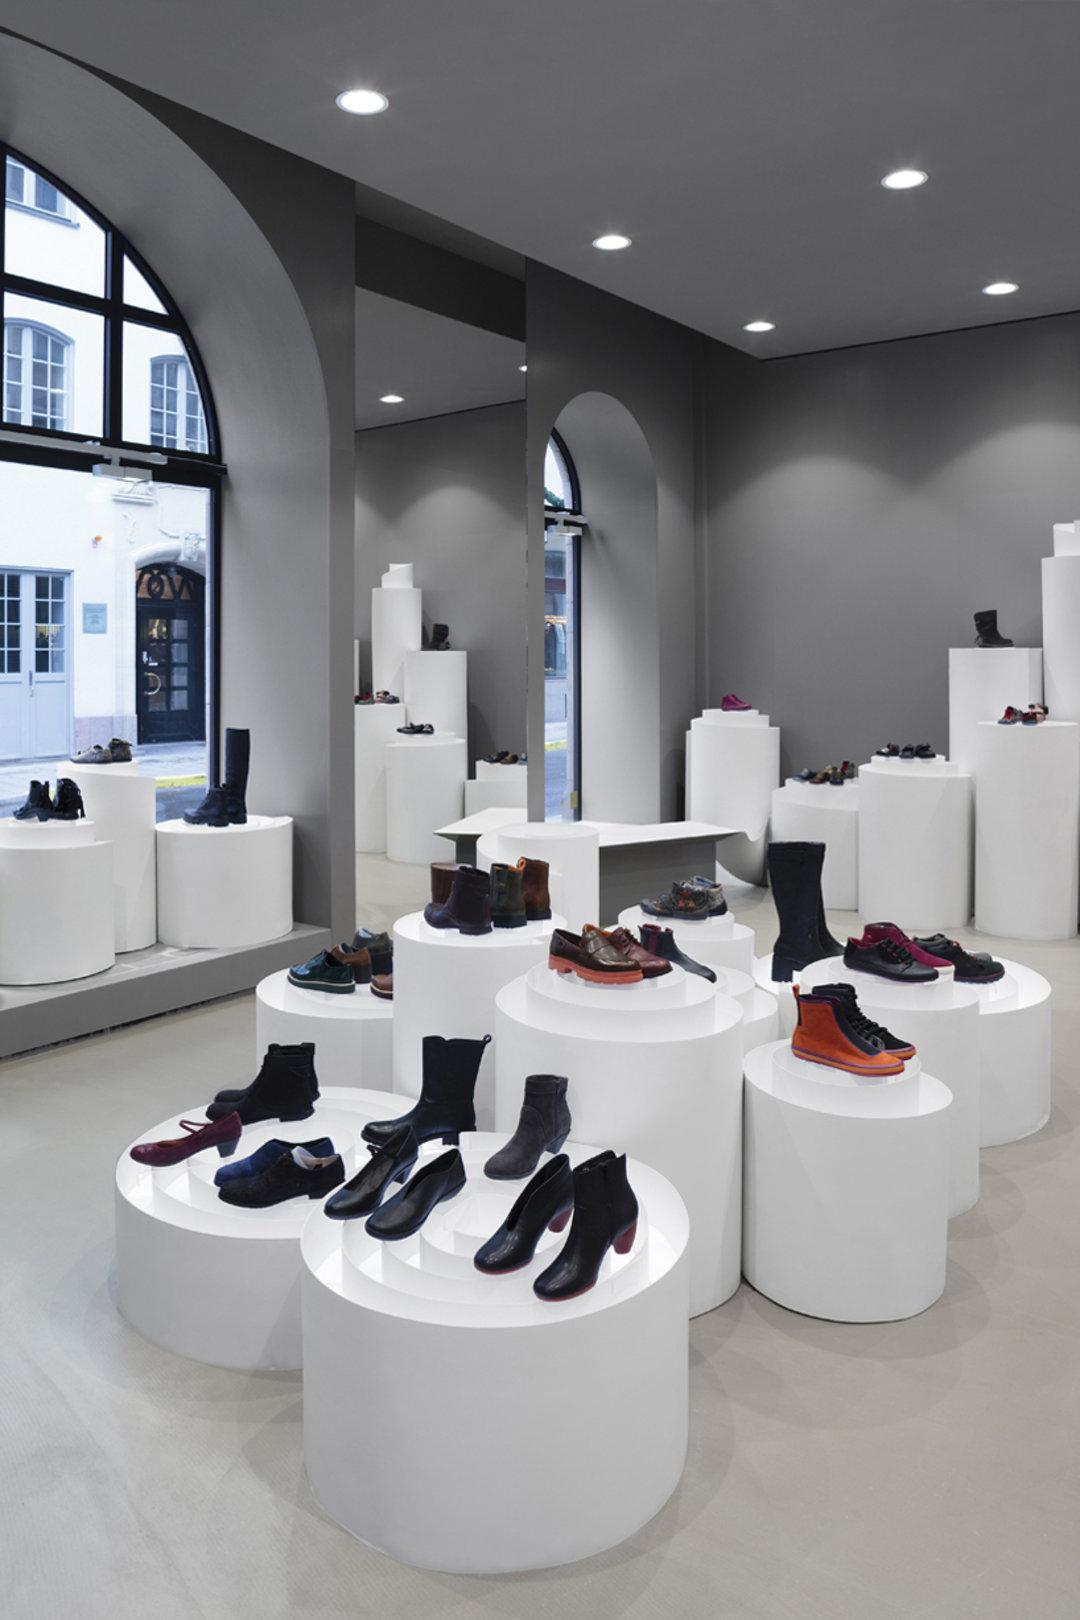 鞋好看的话,装它的鞋店也得一样酷才行|这个设计了不起_设计_好奇心日报